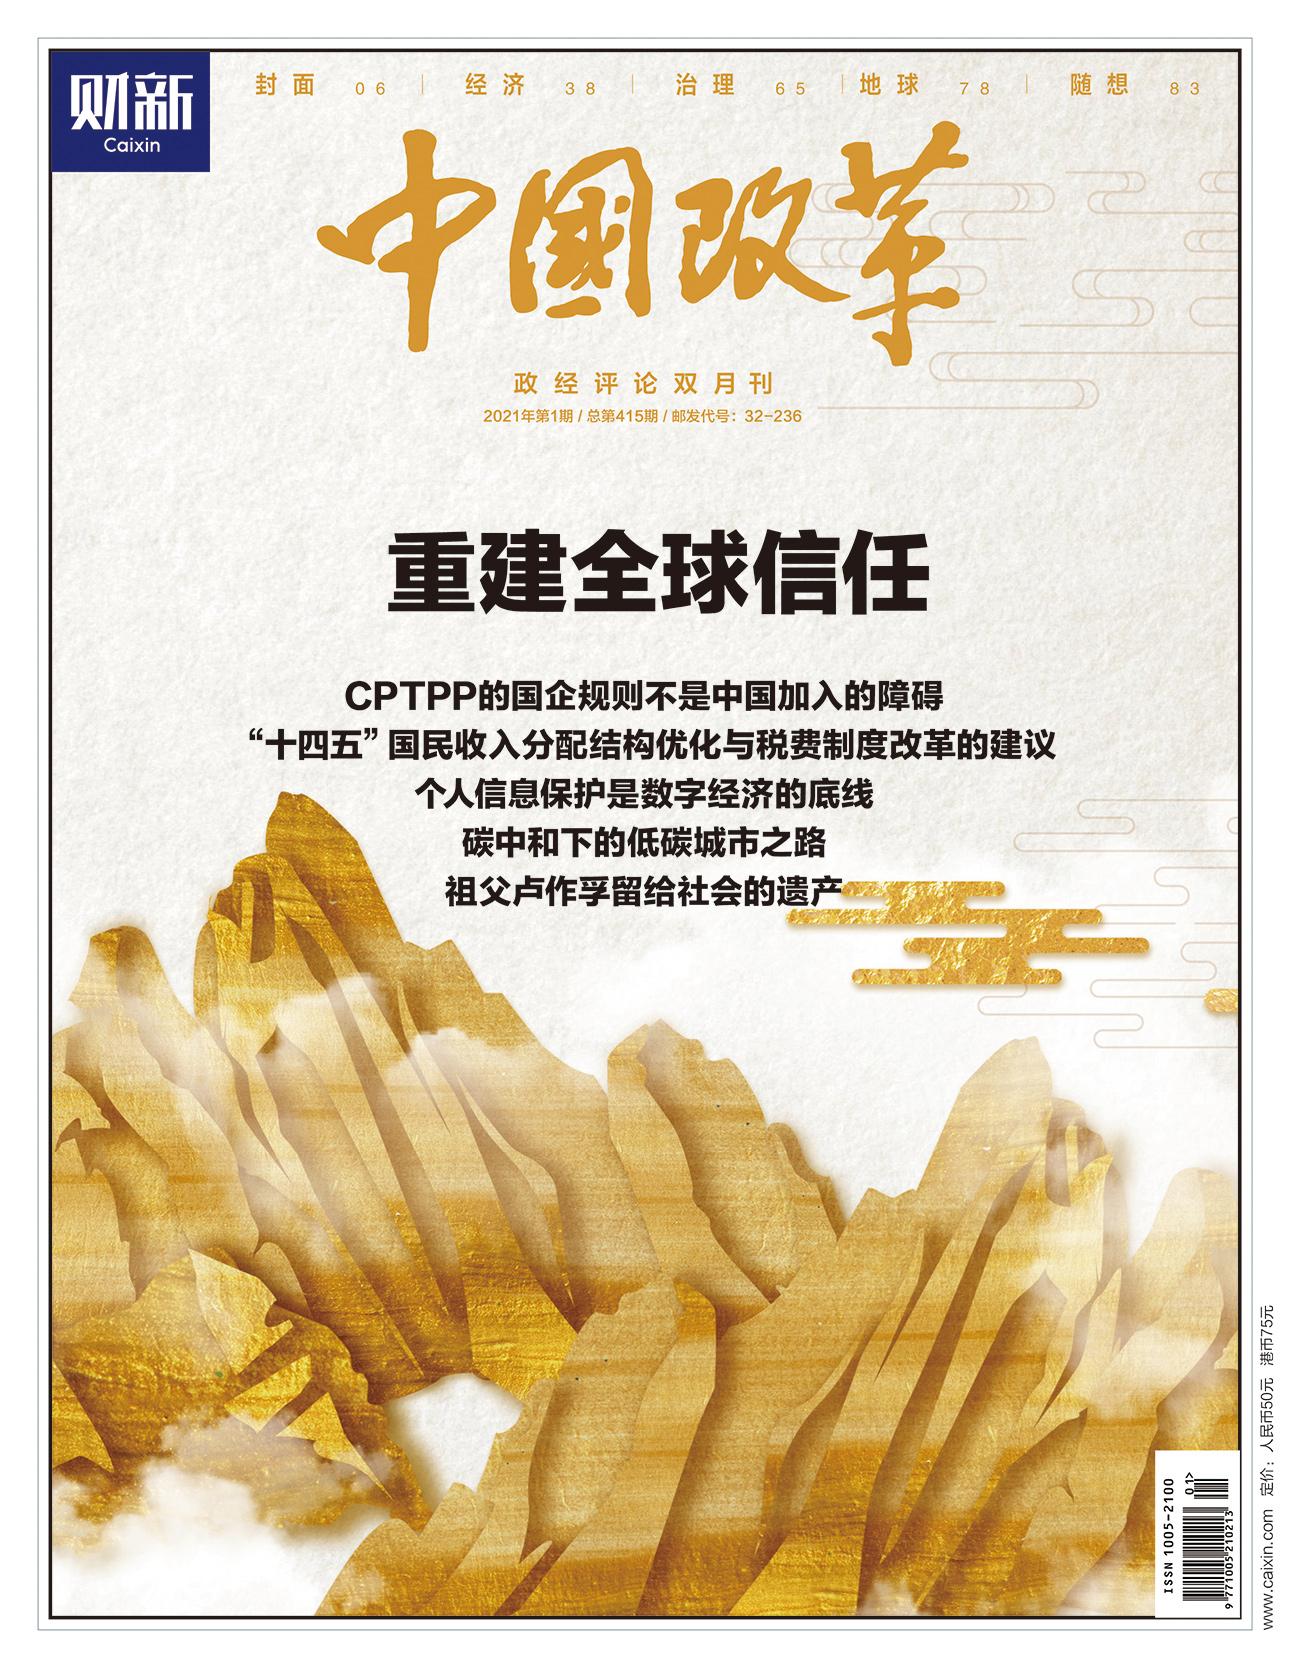 《中国改革》第415期